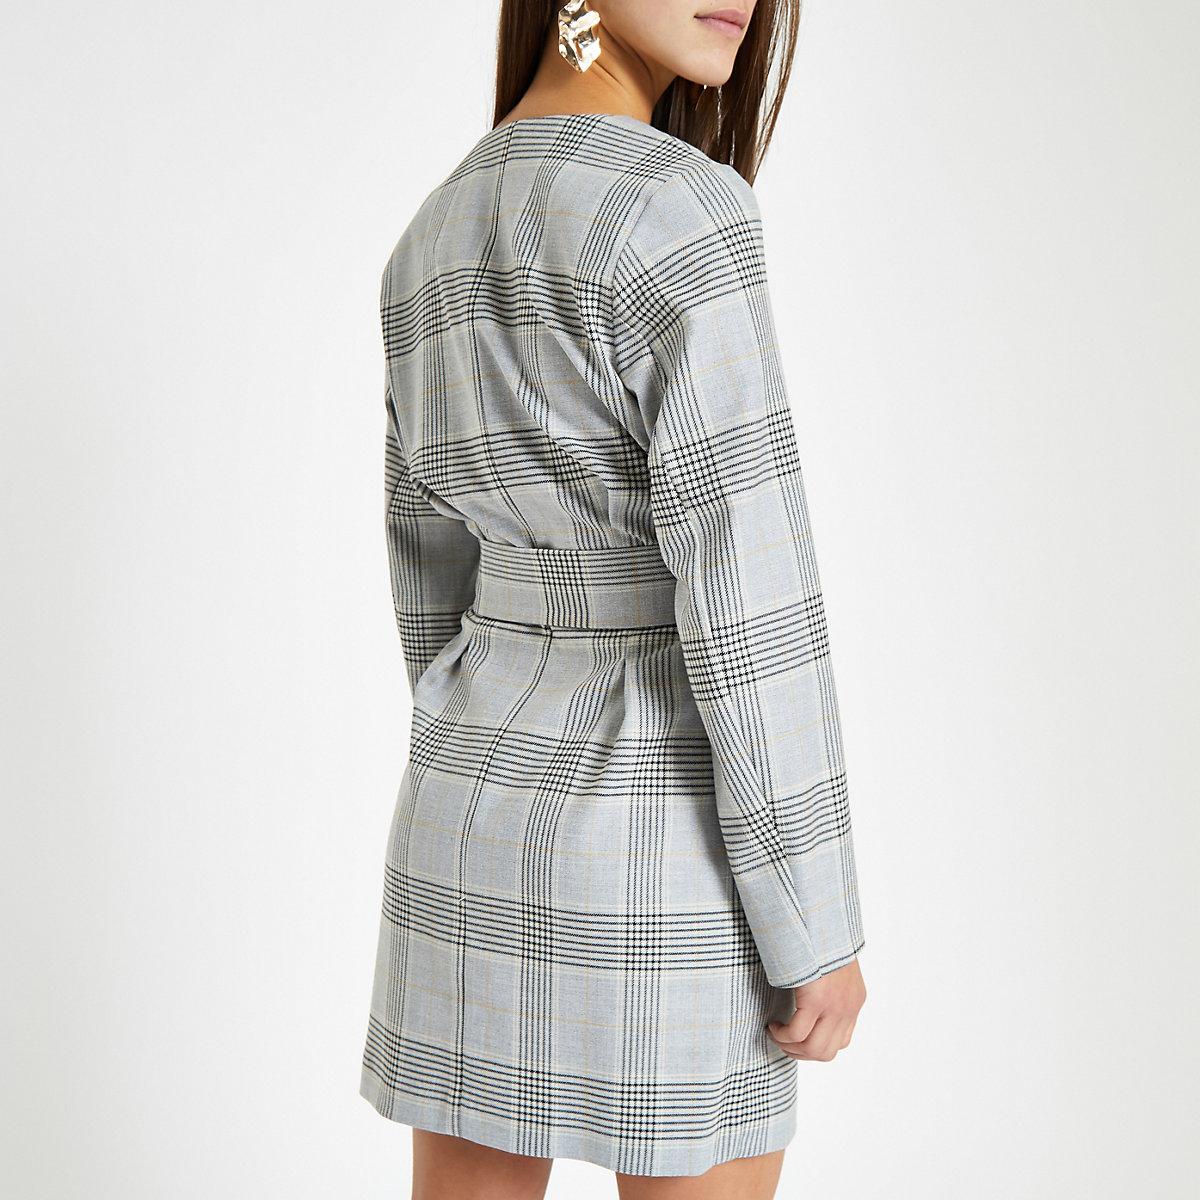 Petite – Robe portefeuille à carreaux grise avec ceinture - Robes ... 2d6c5b44eac